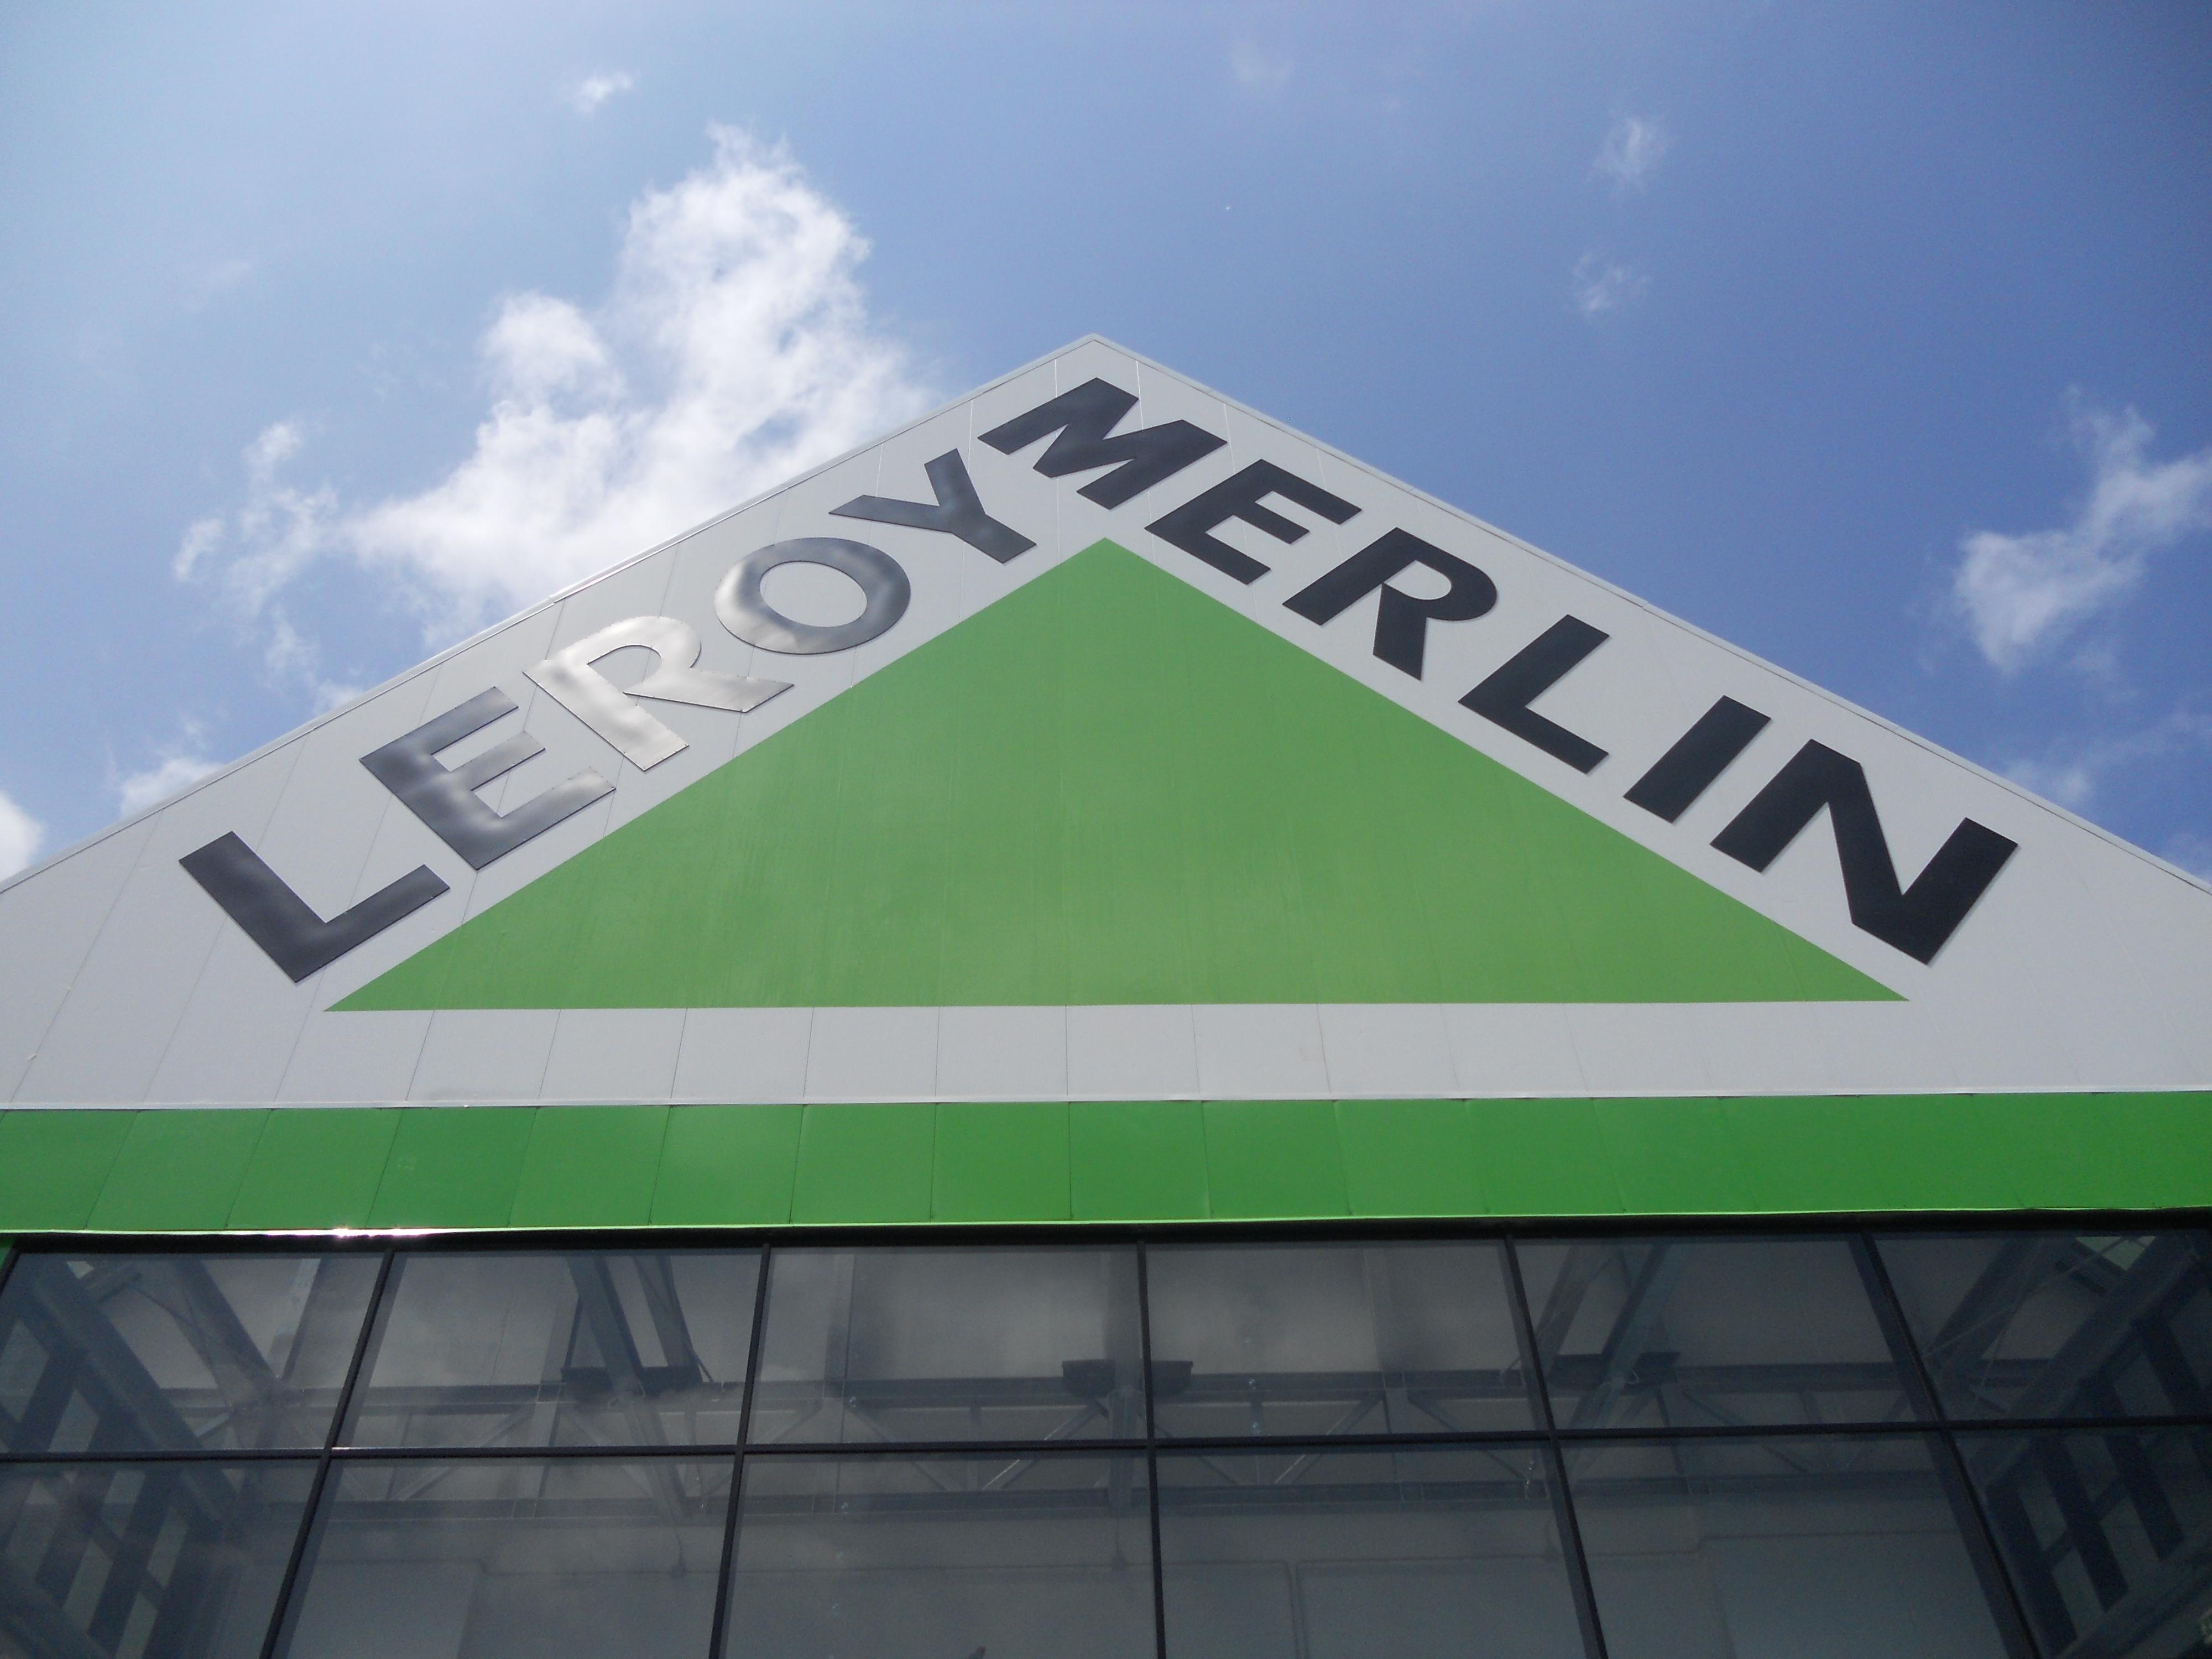 Perfect Inaugurato Il Nuovo Leroy Merlin Di Torre Annunziata (NA)